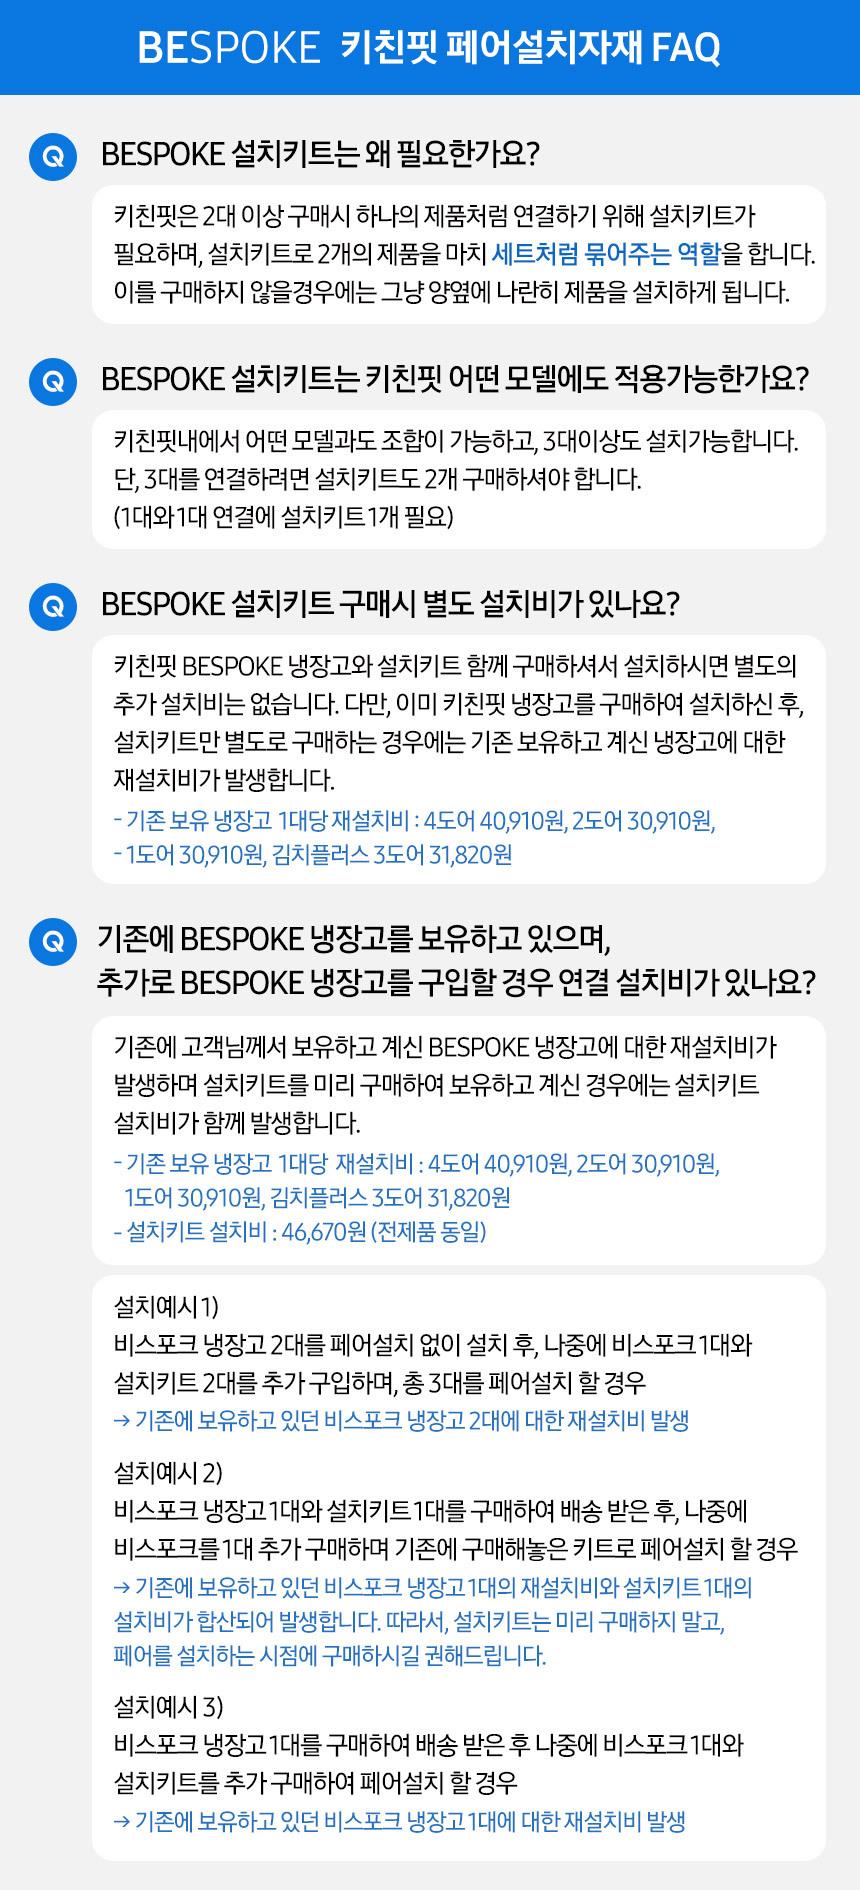 비스포크 페어키트 FAQ